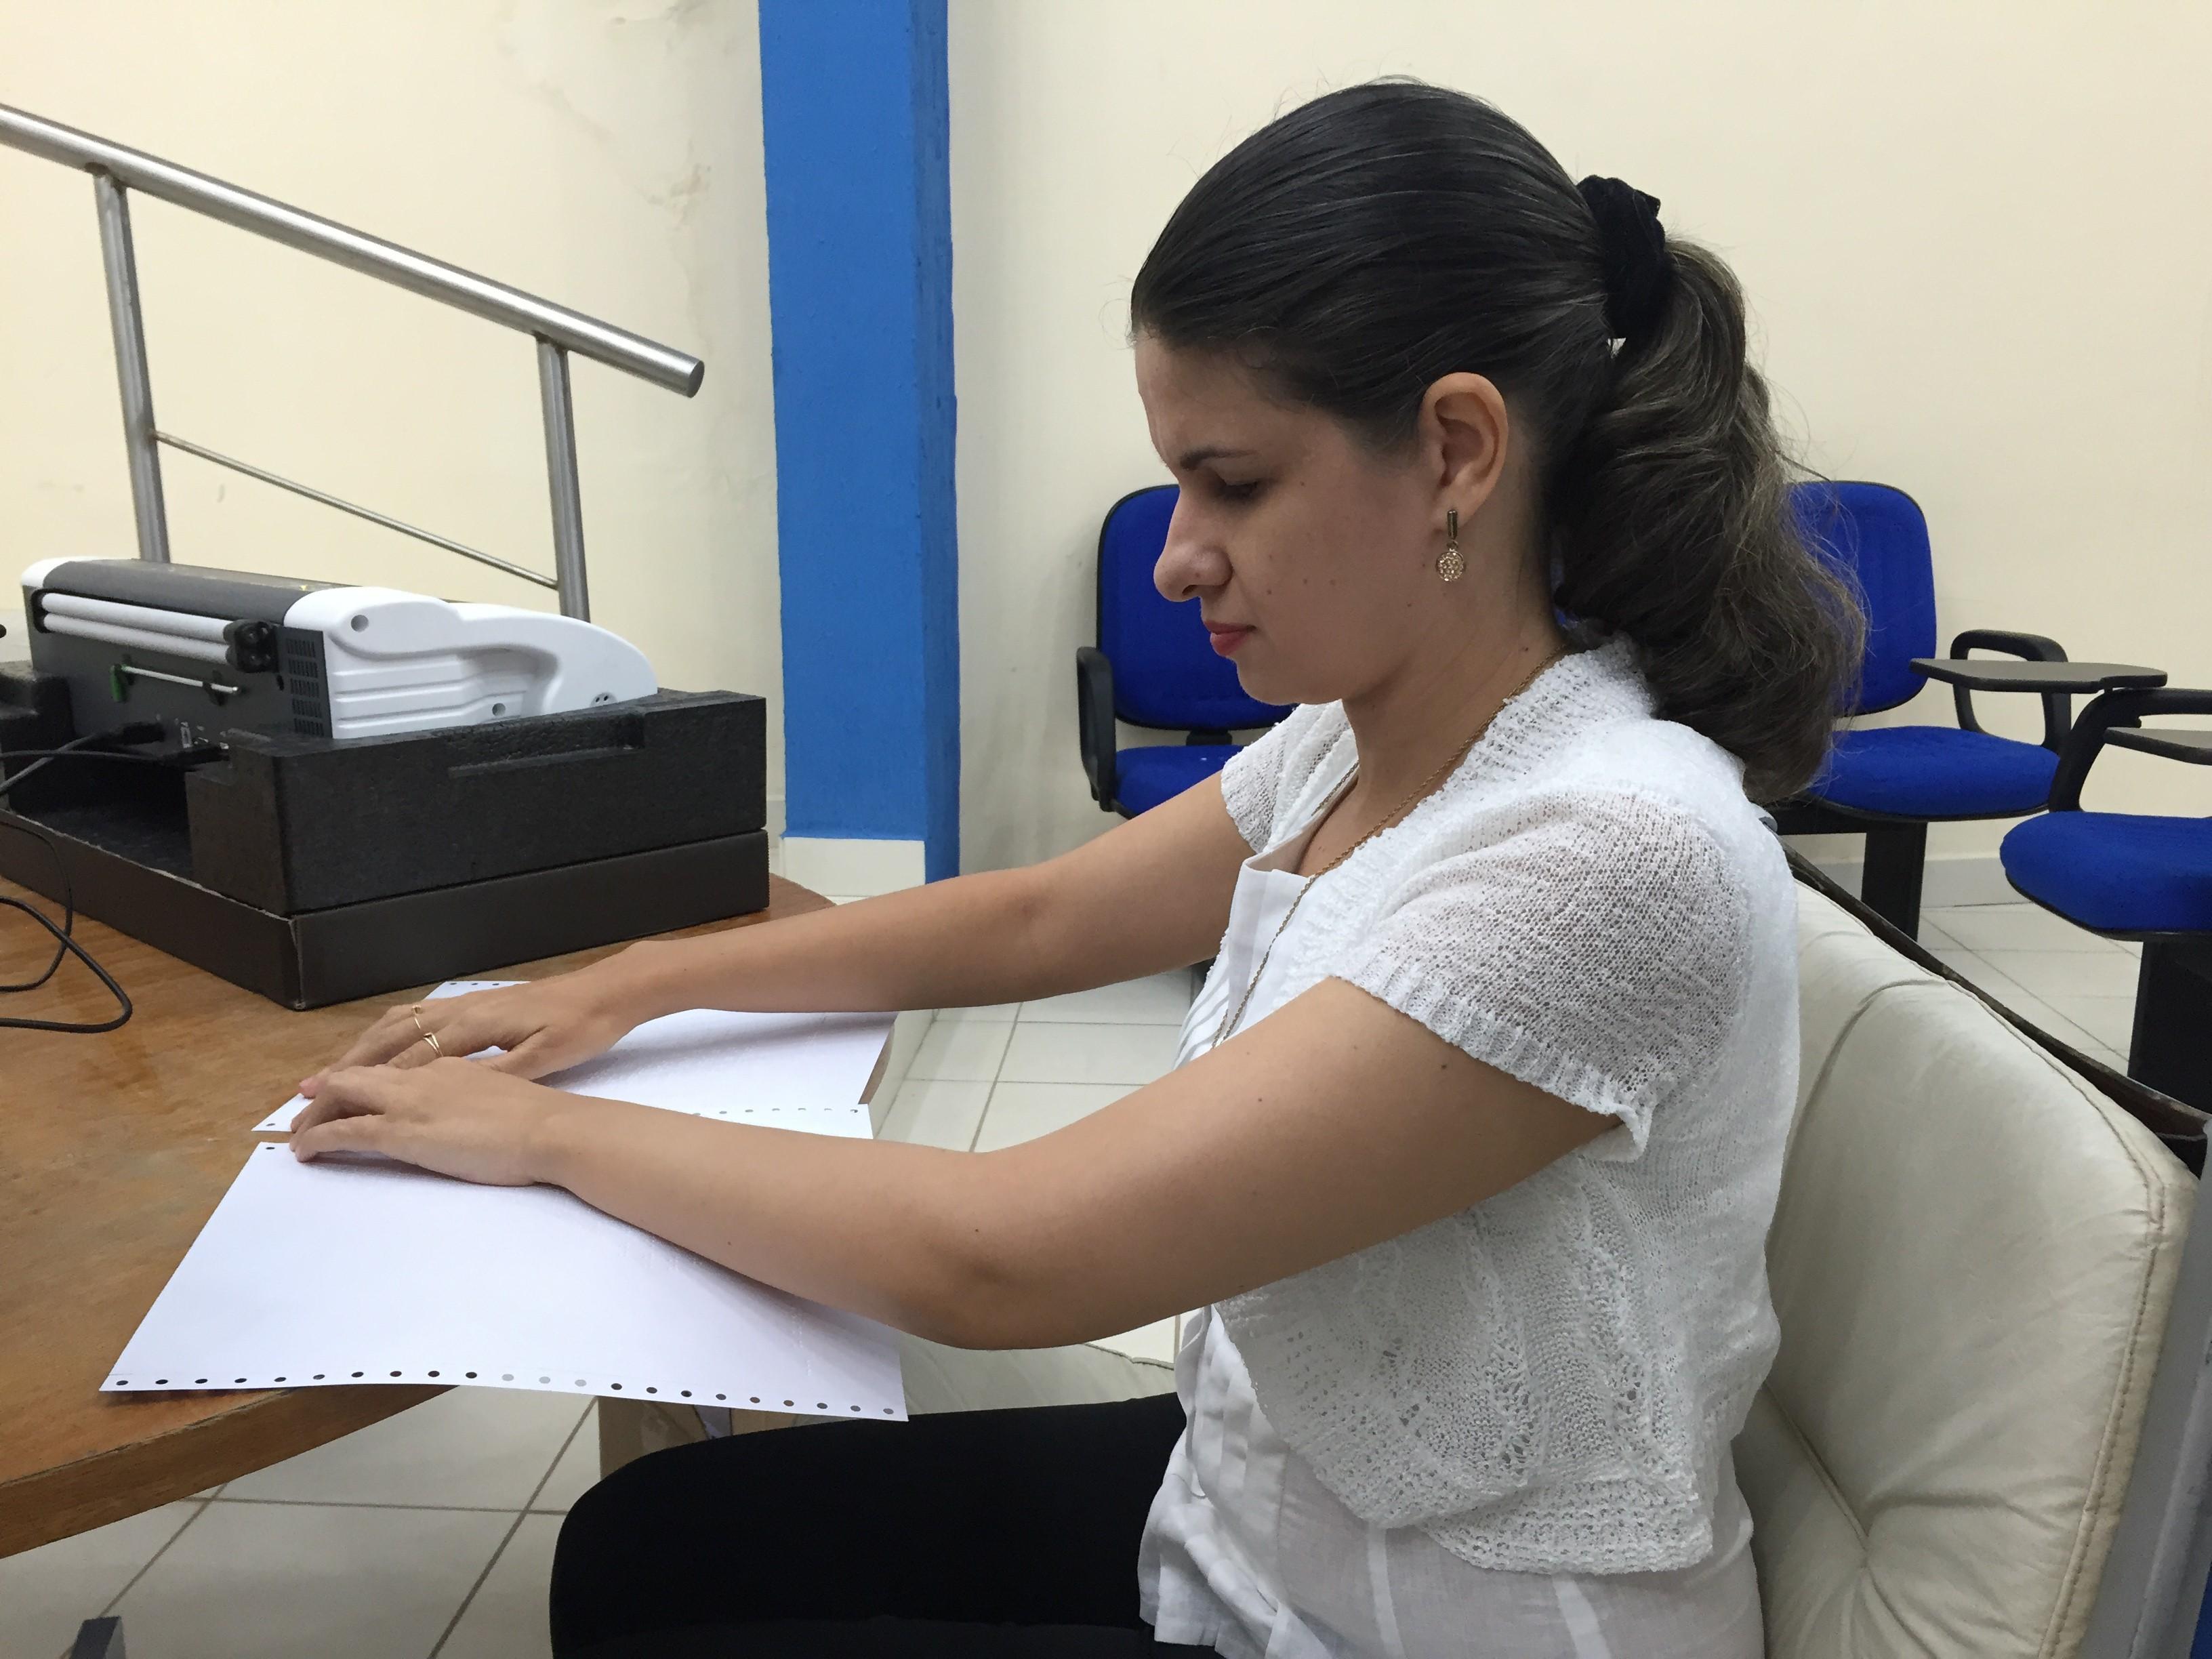 Contas de água e carnês devem ser emitidos em braille para deficientes visuais em Rio Branco - Notícias - Plantão Diário